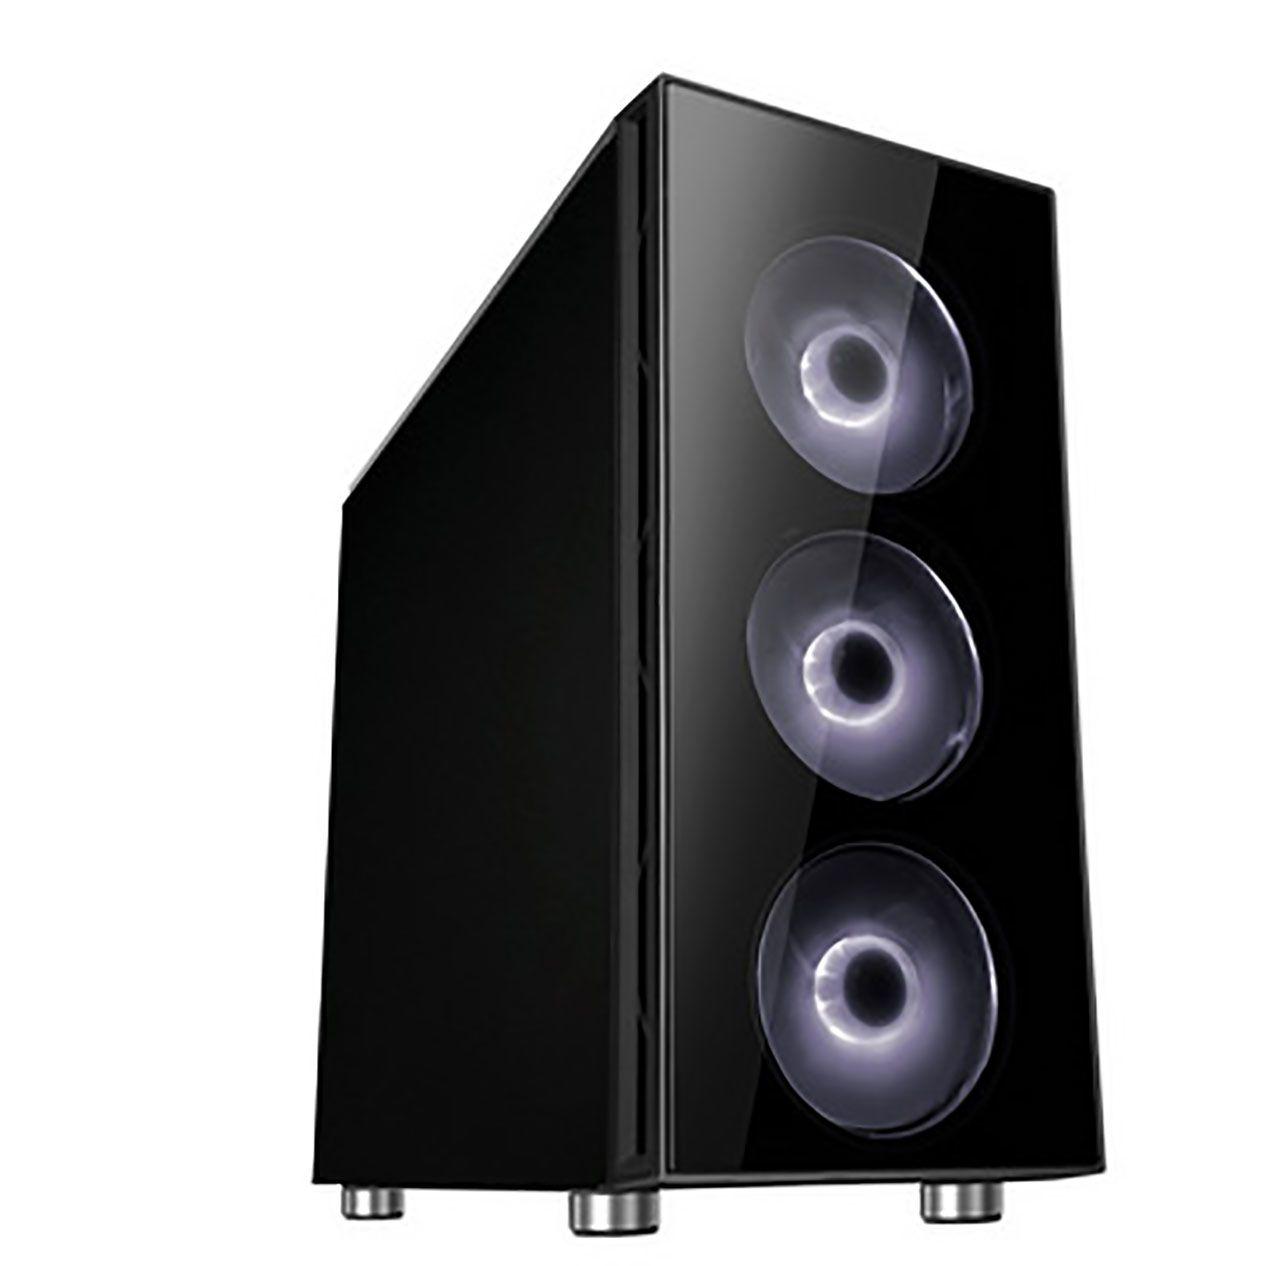 Cooltek Zwei RGB Midi Tower Zwart